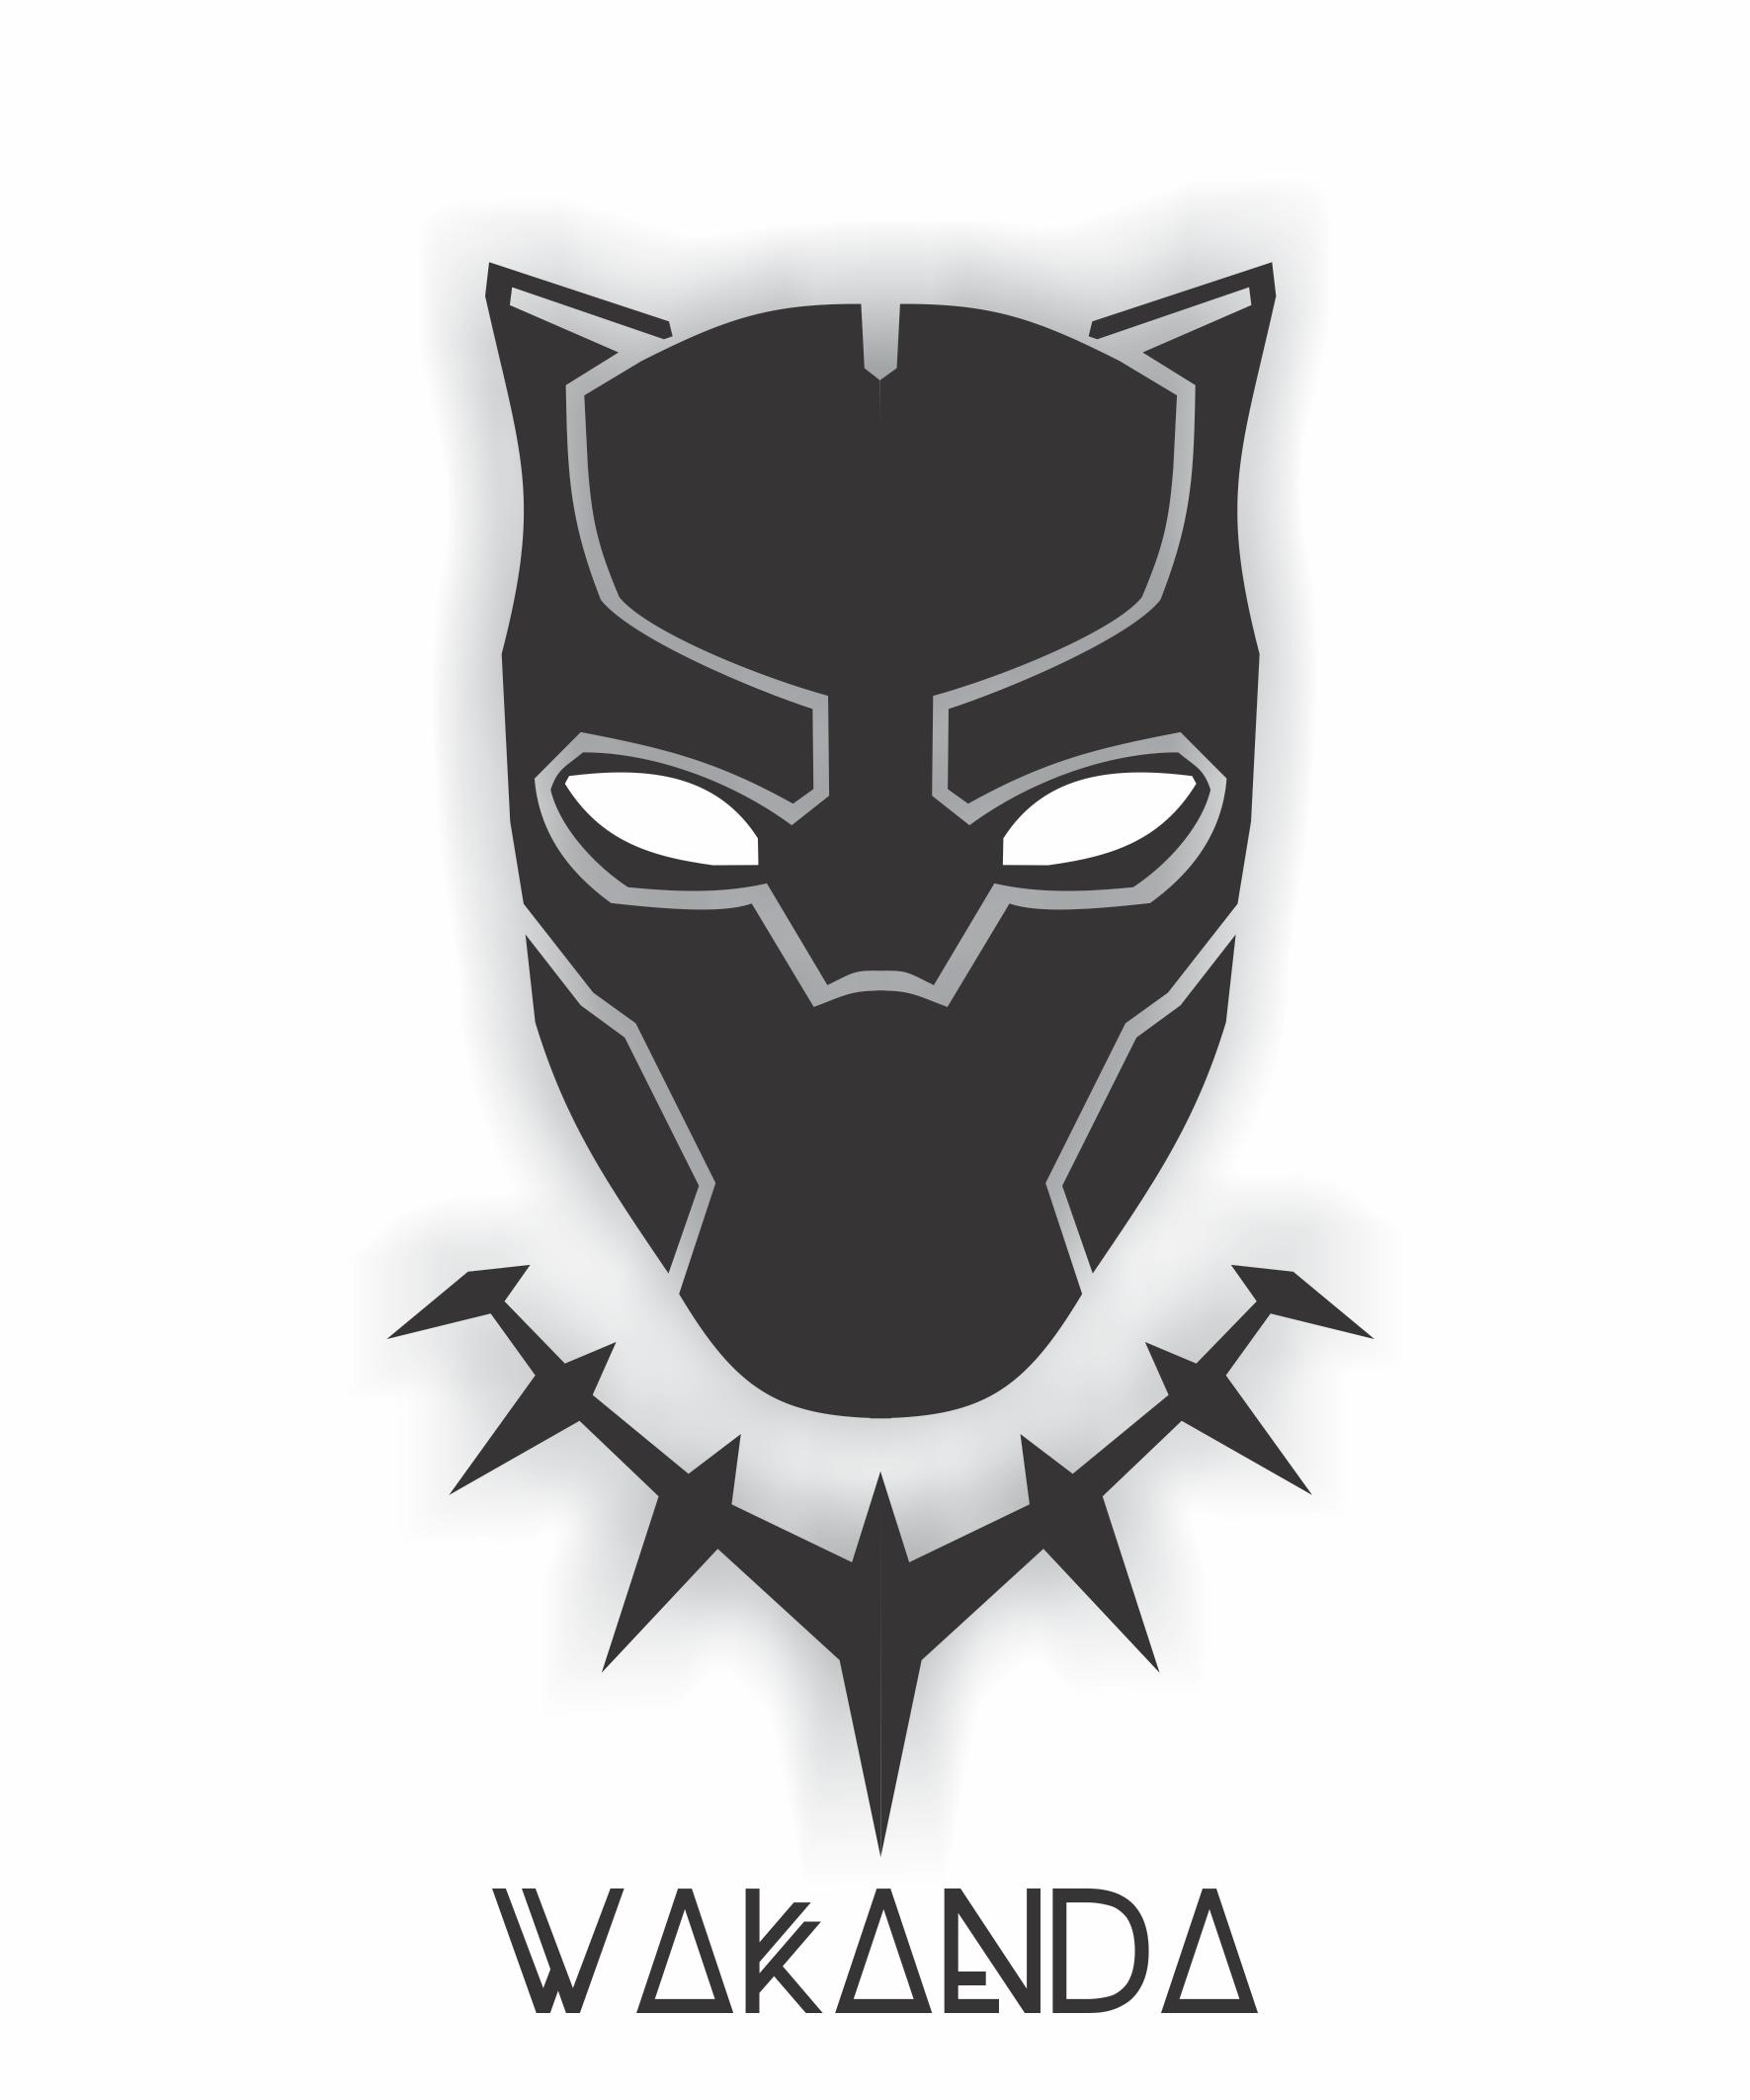 Black Panther Logo Design Black Panther Tattoo Black Panther